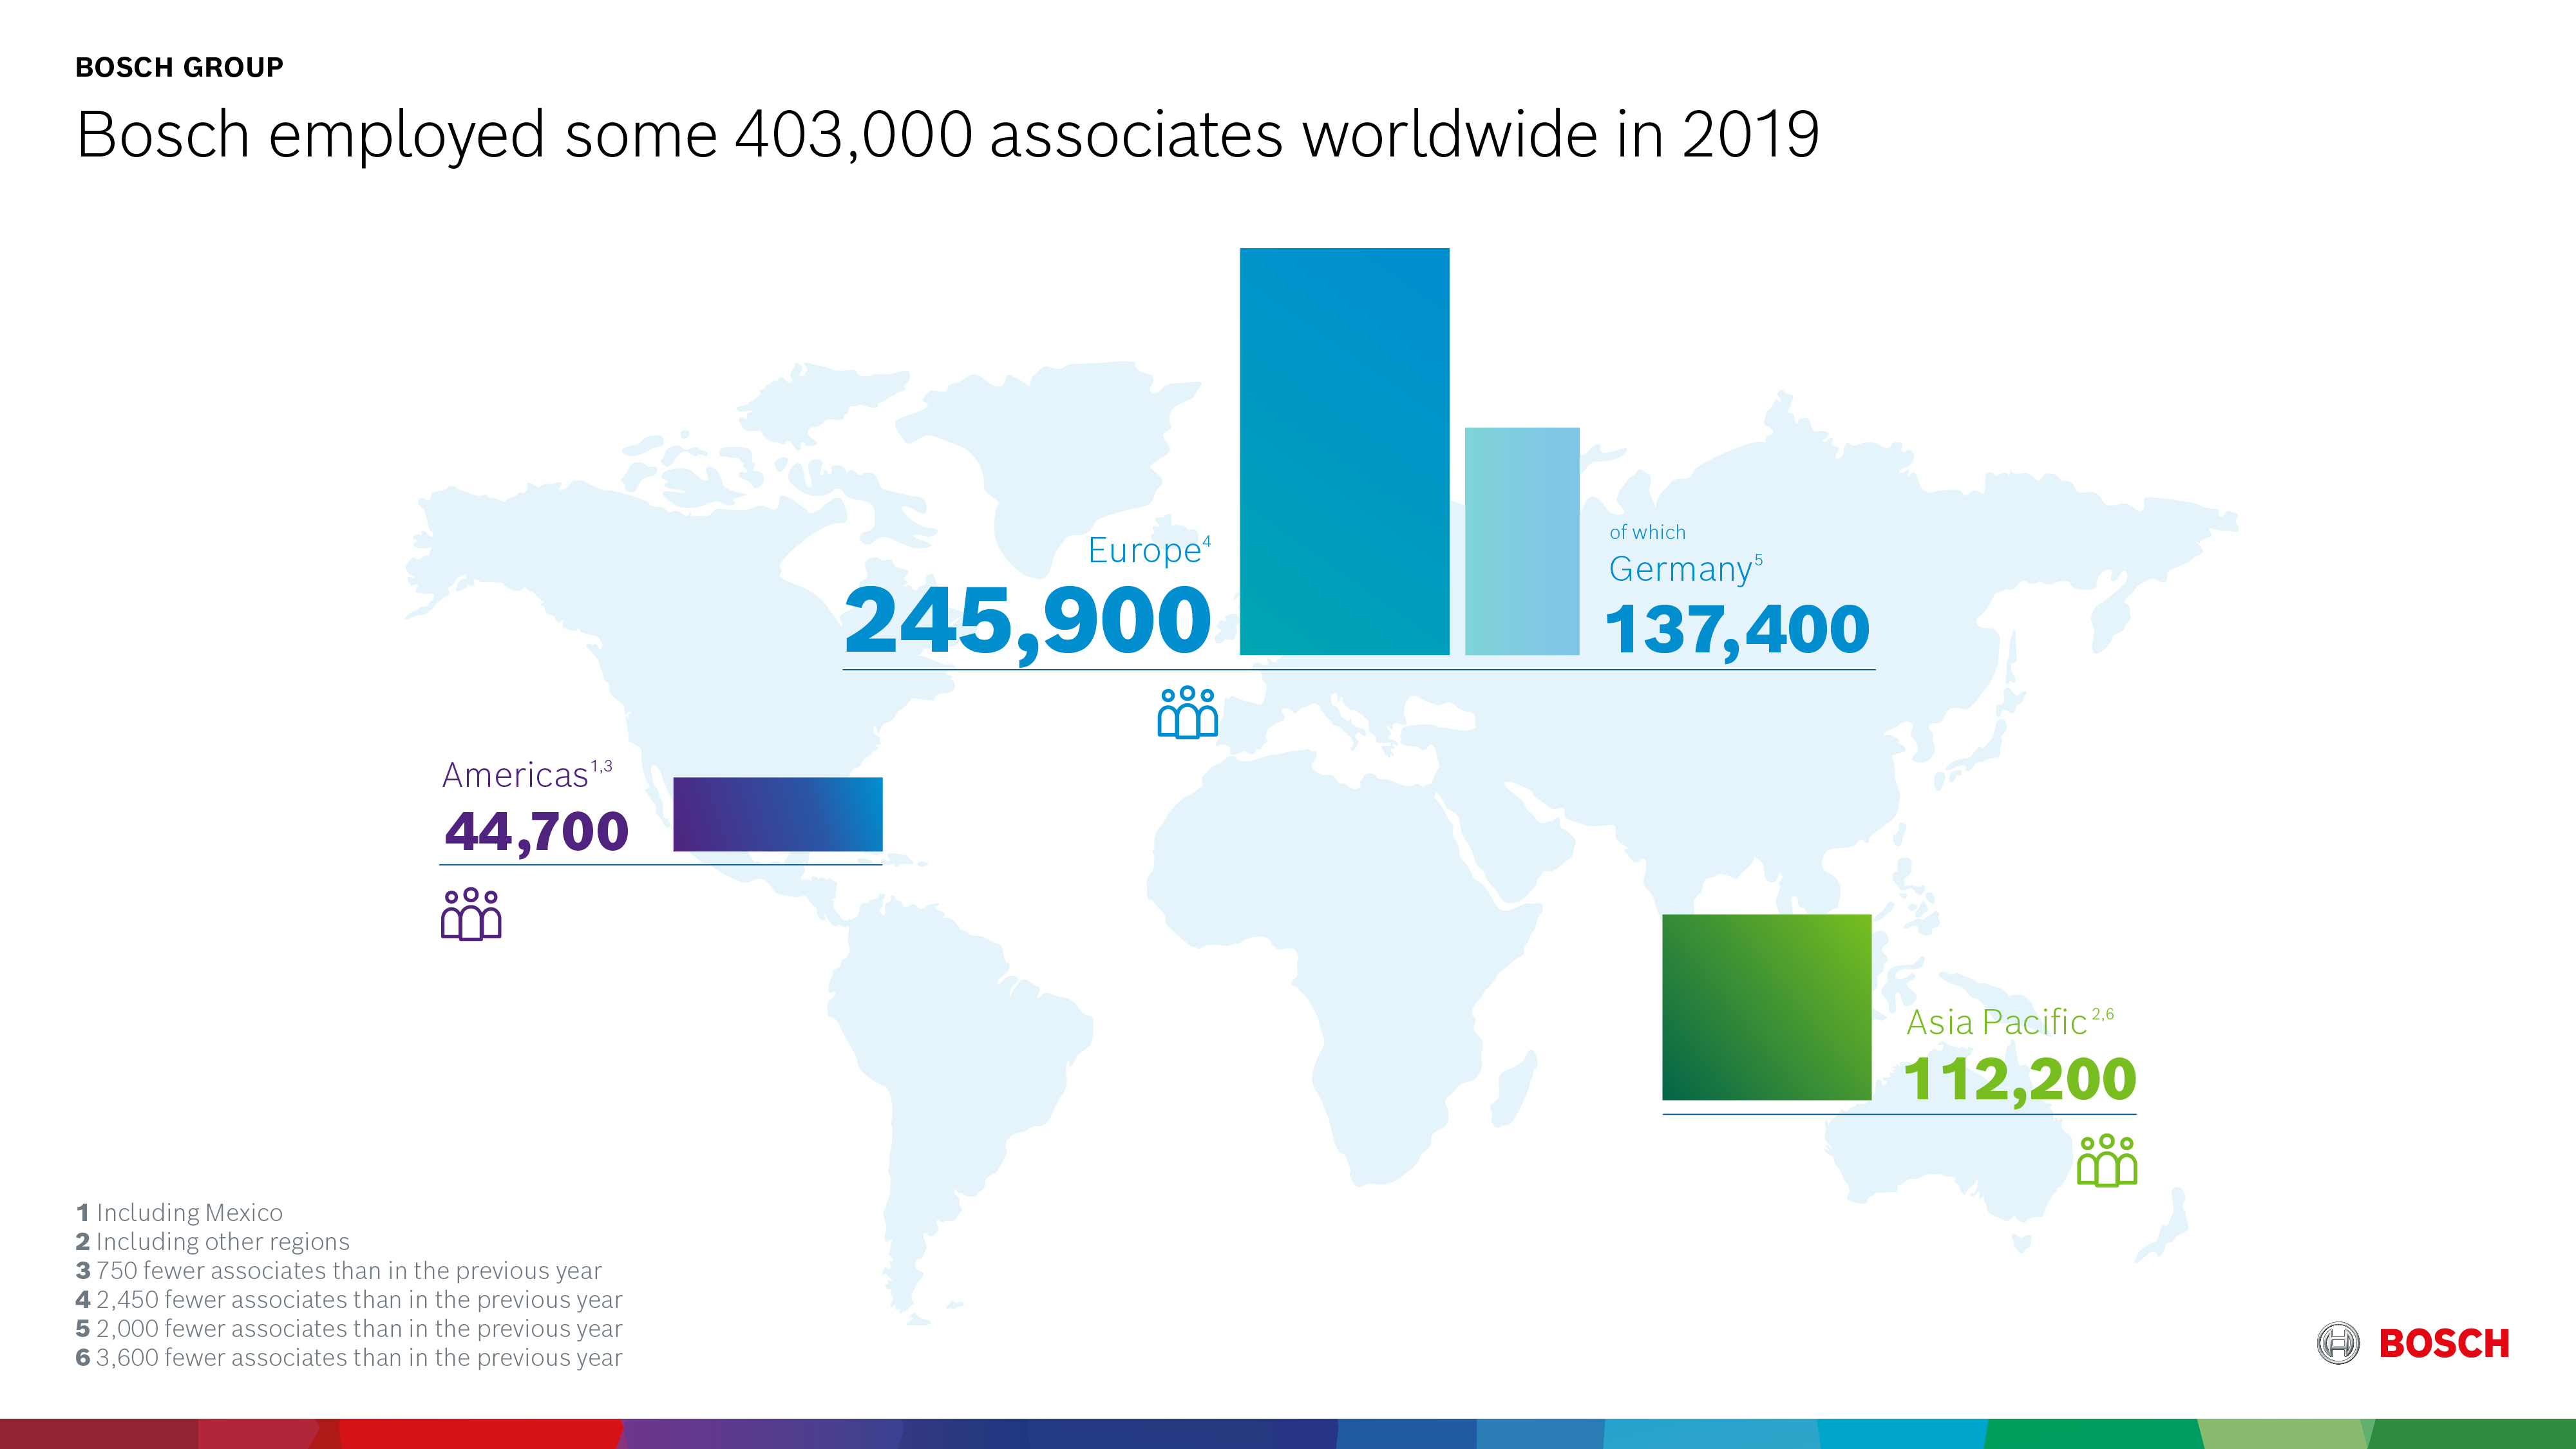 V roce 2019 společnost Bosch zaměstnávala na celém světě přibližně 403 000 zaměstnanců